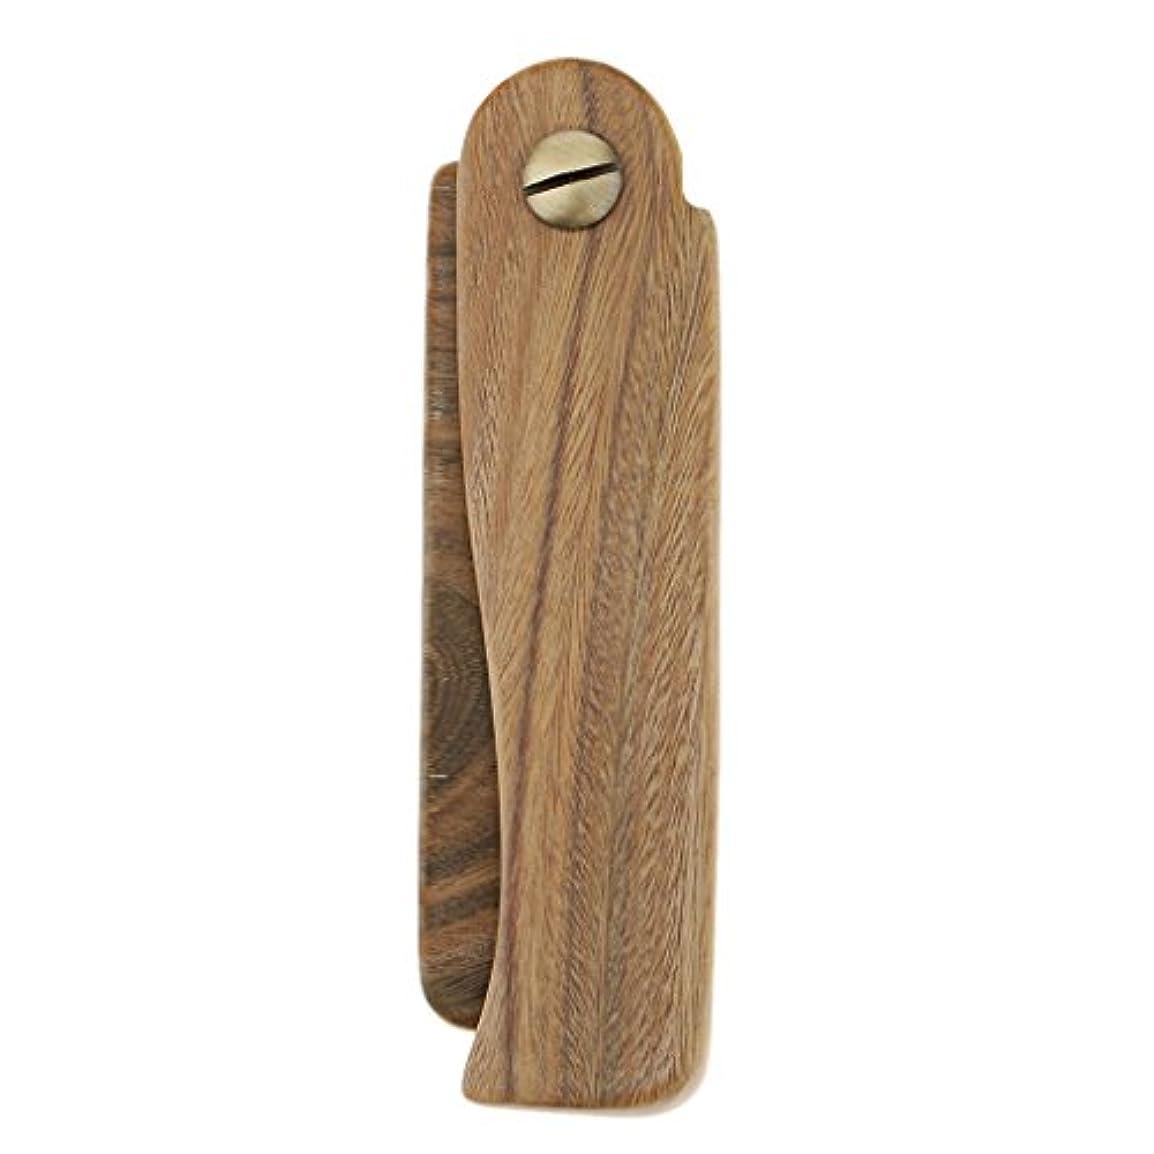 動力学ほこり神経衰弱ポケットの折り畳み式の木のひげの口ひげは、男性の女性のための毛の櫛をグルーミング - A